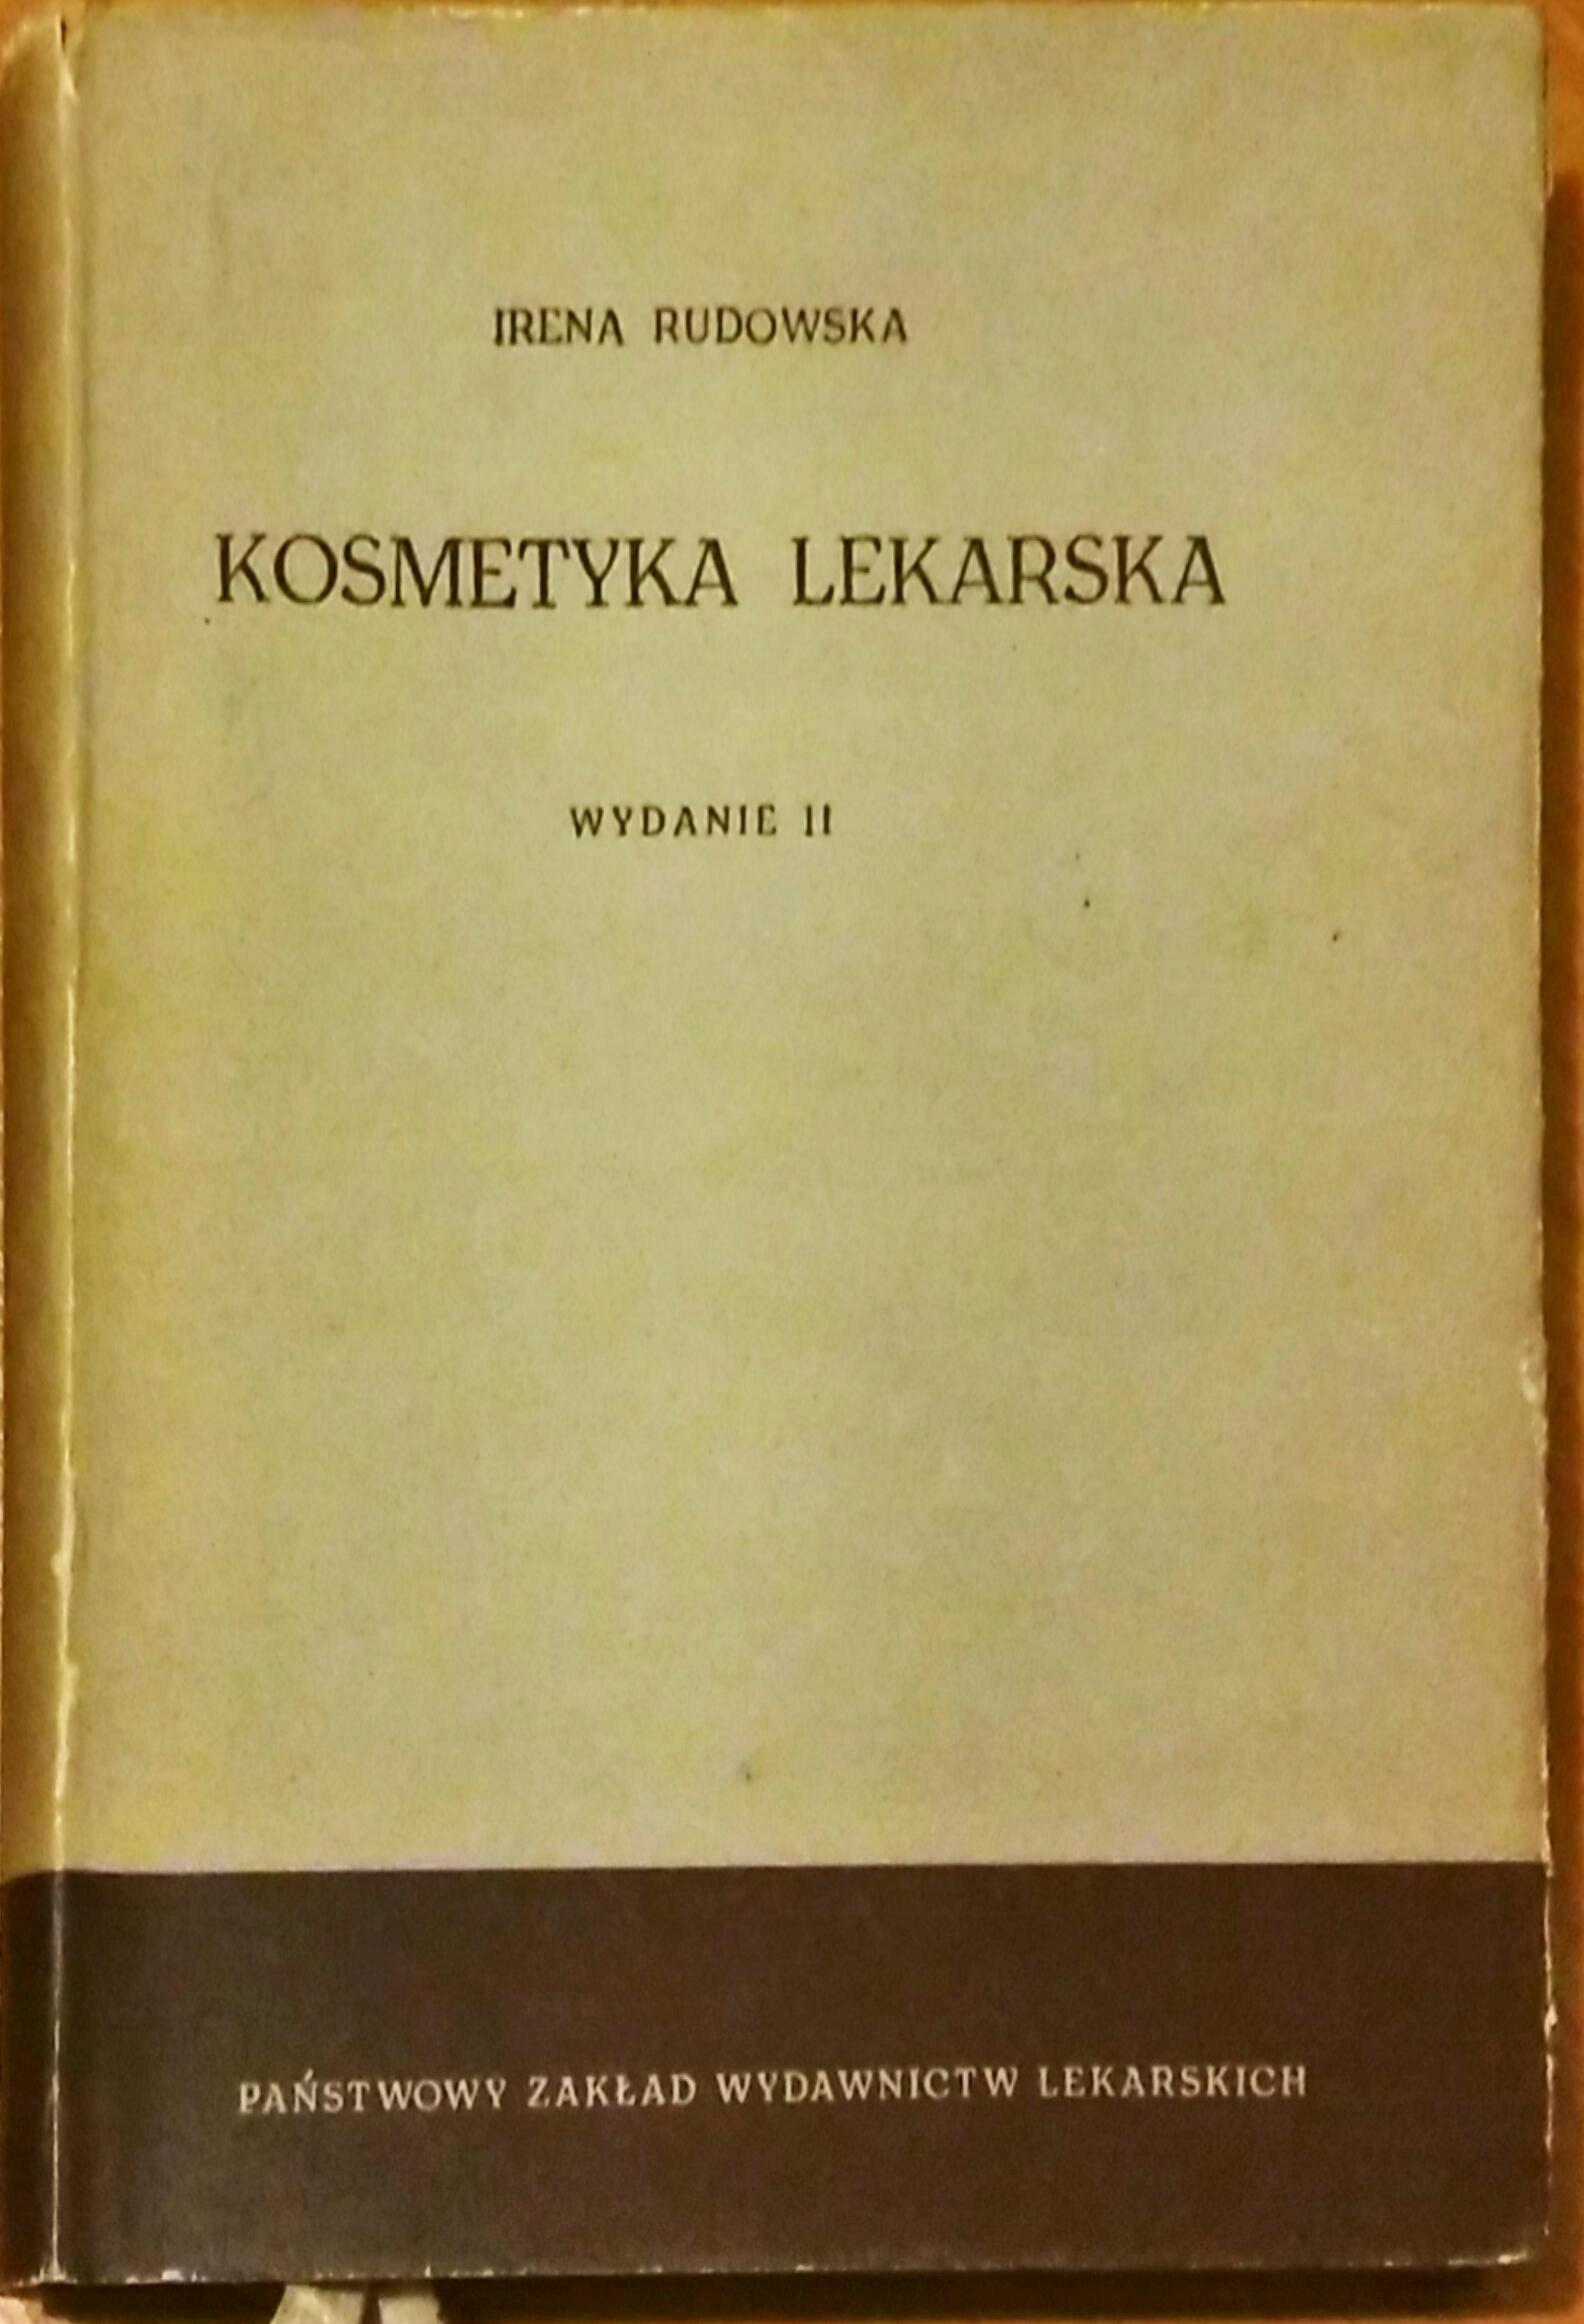 Kosmetyka lekarska Rudowska